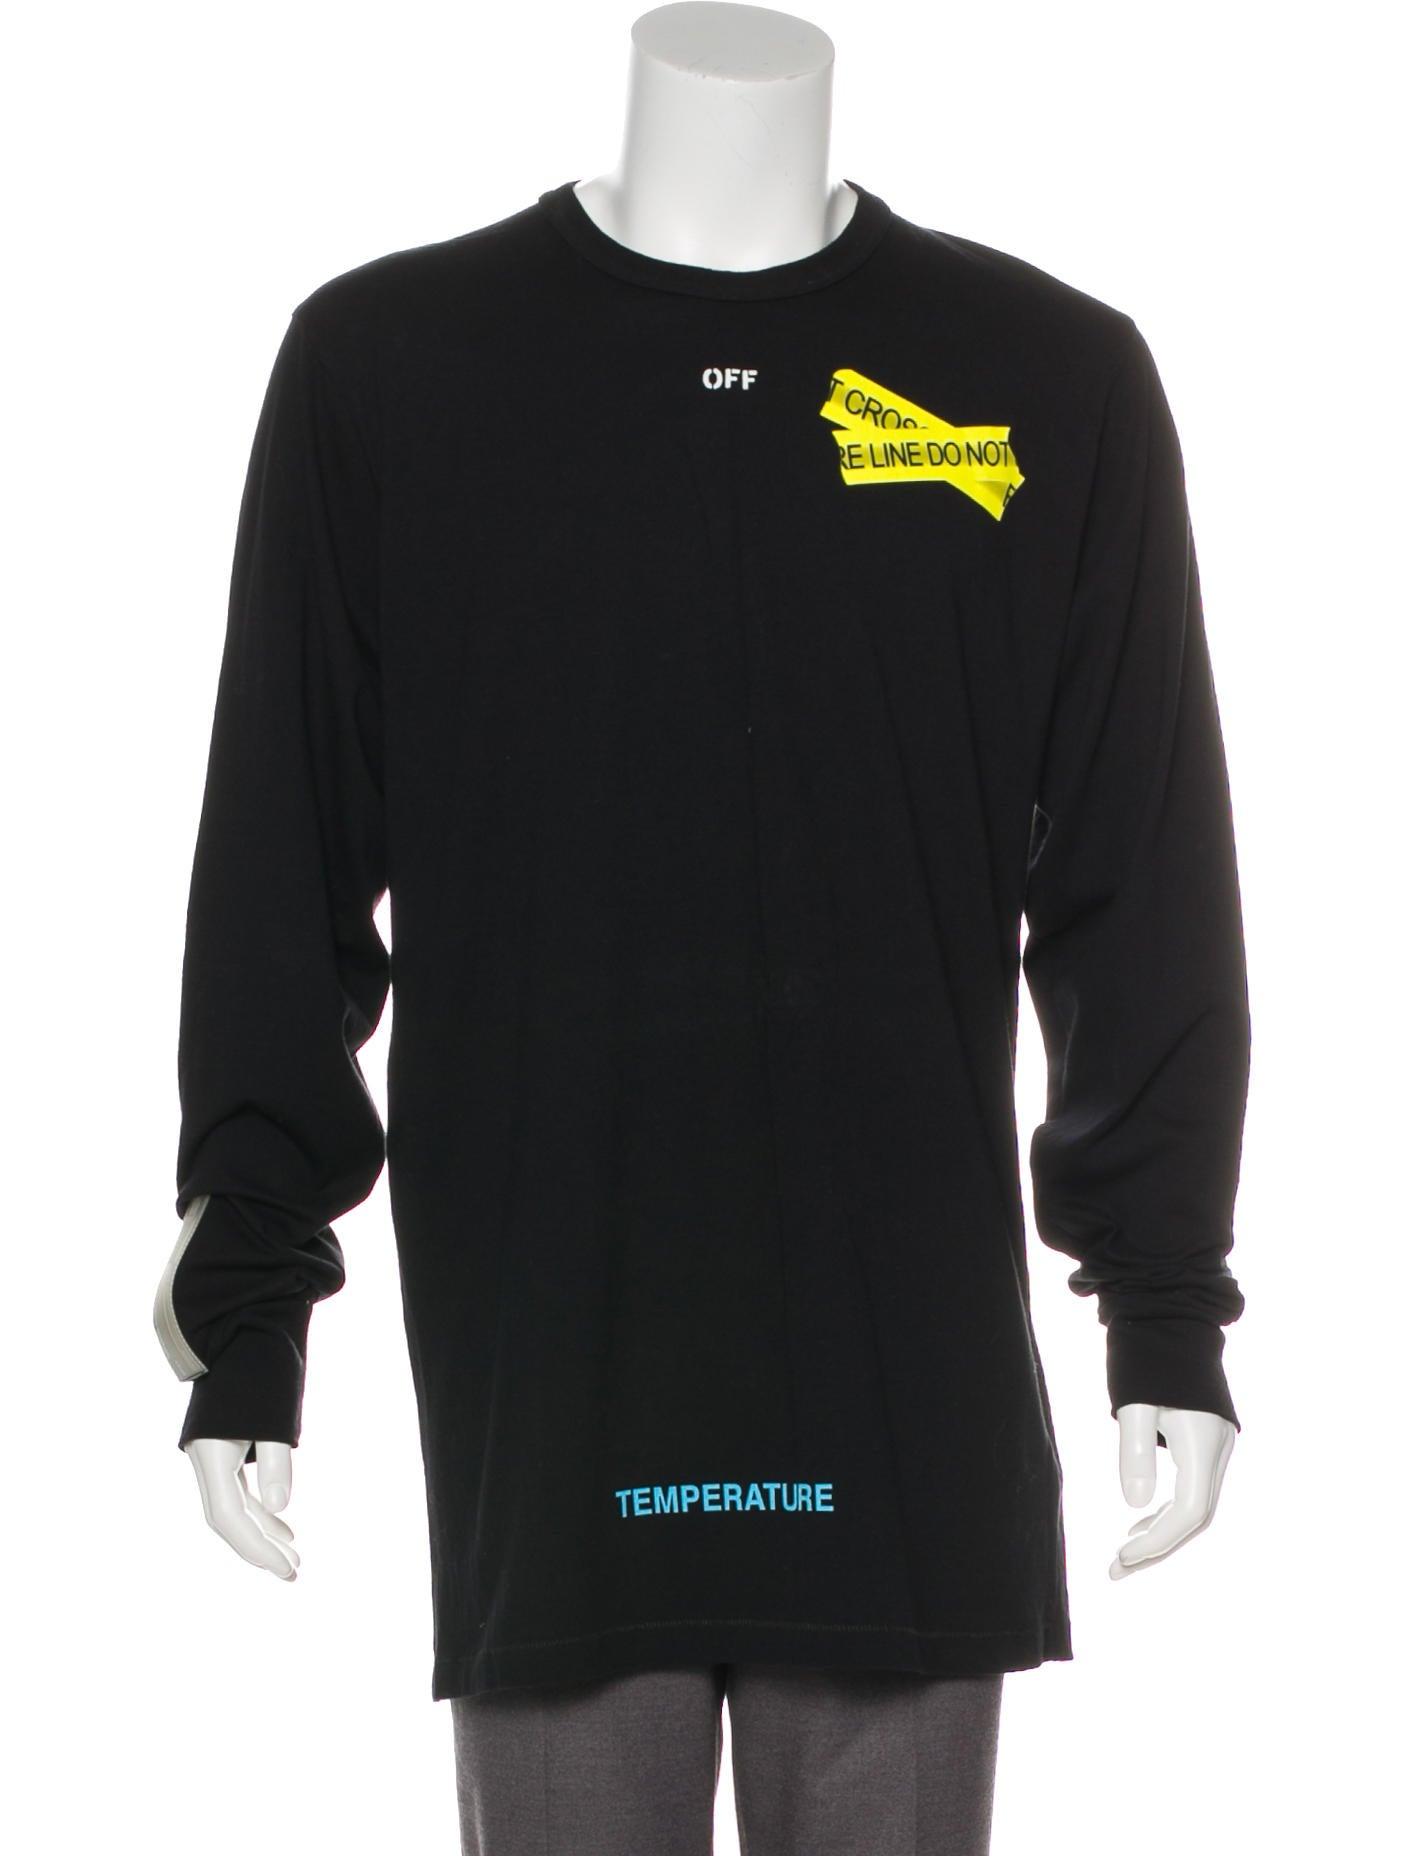 54e46b6e4c Off White Black Long Sleeve Firetape T Shirt | Saddha